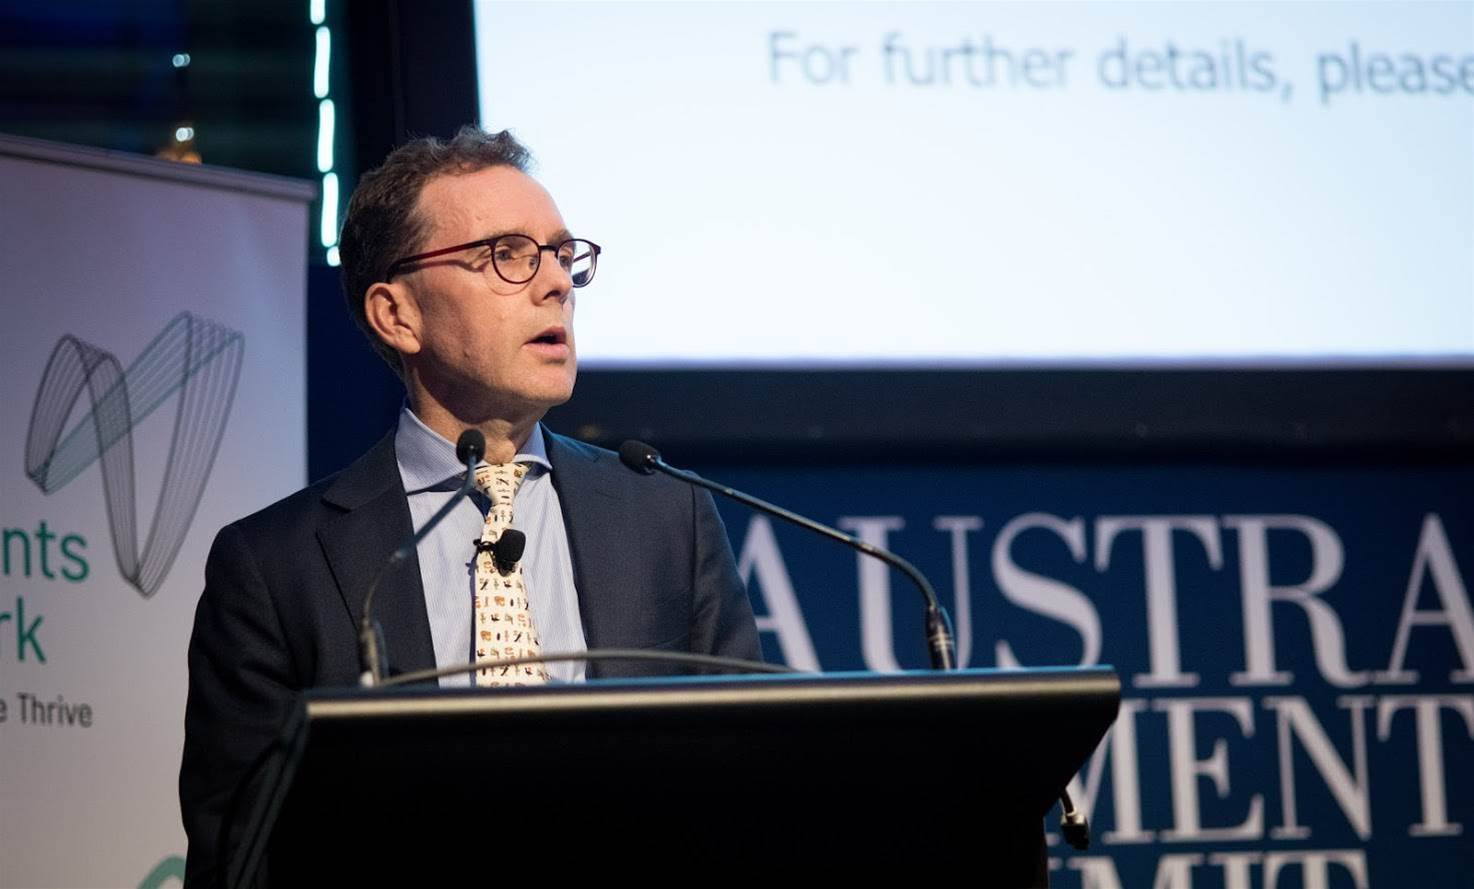 Australian banks preparing for major ATM fleet cull